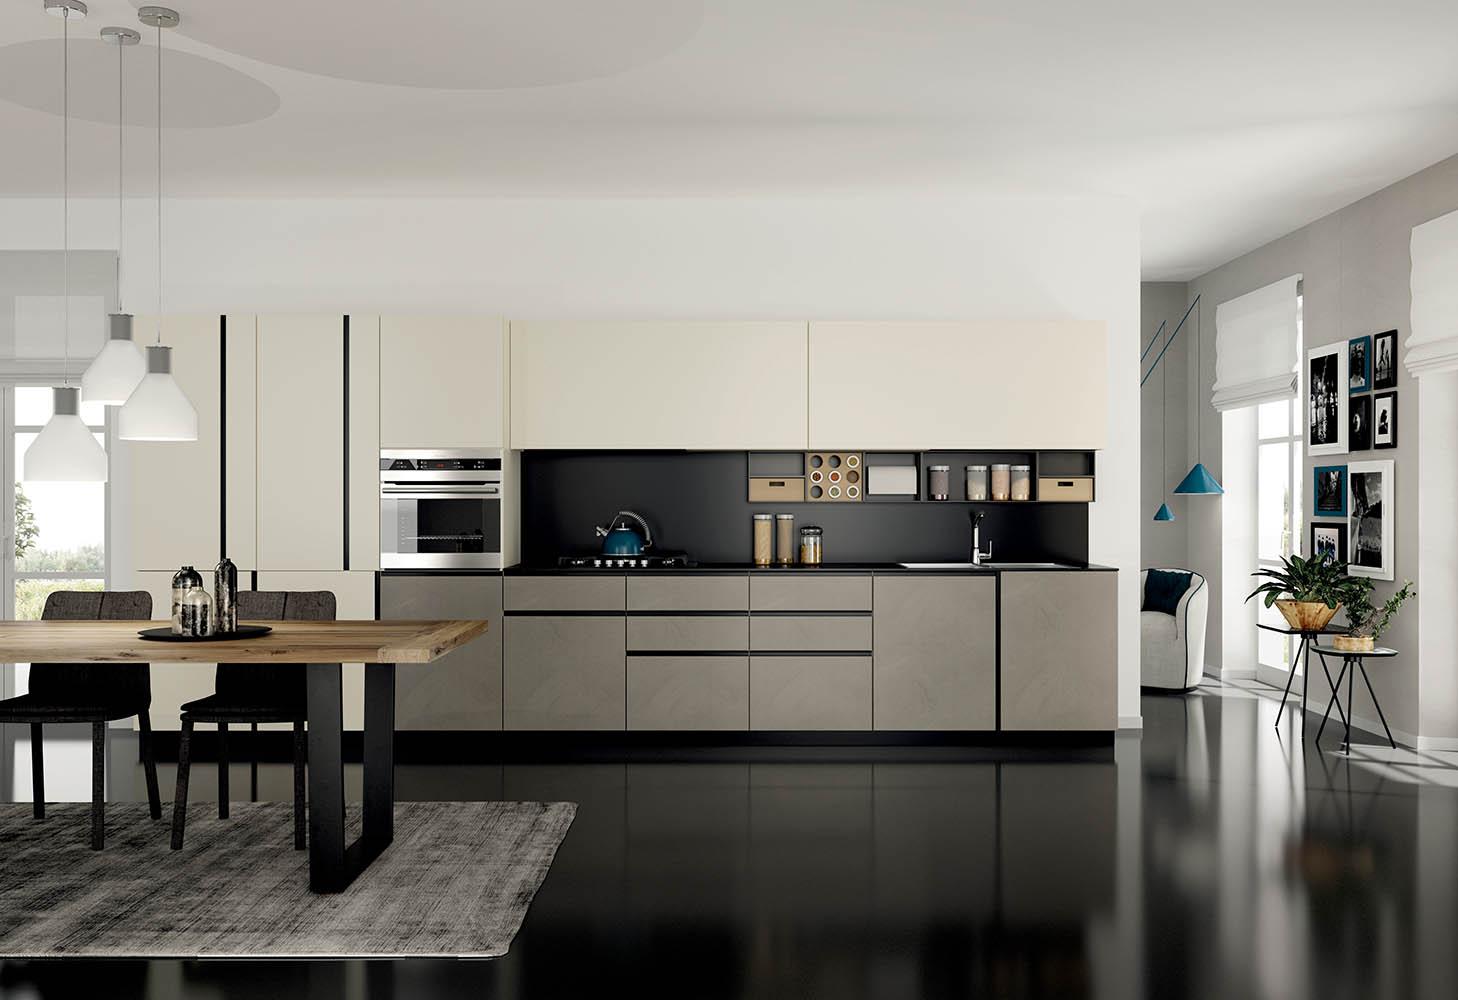 Cucina Open Space Moderna cucine: scegli lo stile classico o moderno per la tua cucina